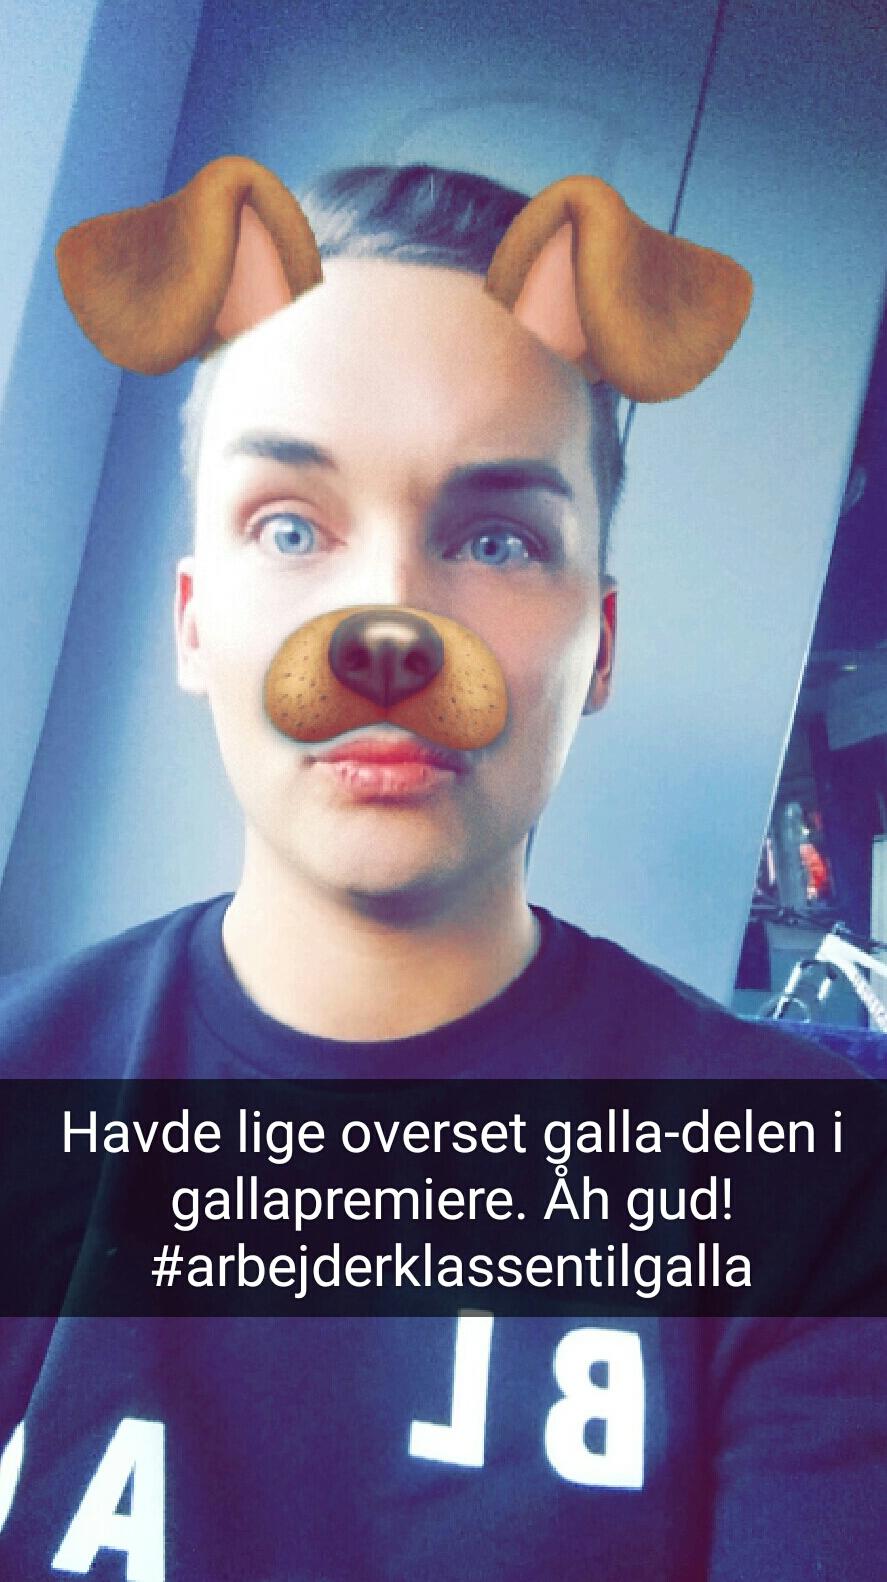 Søren juliussen